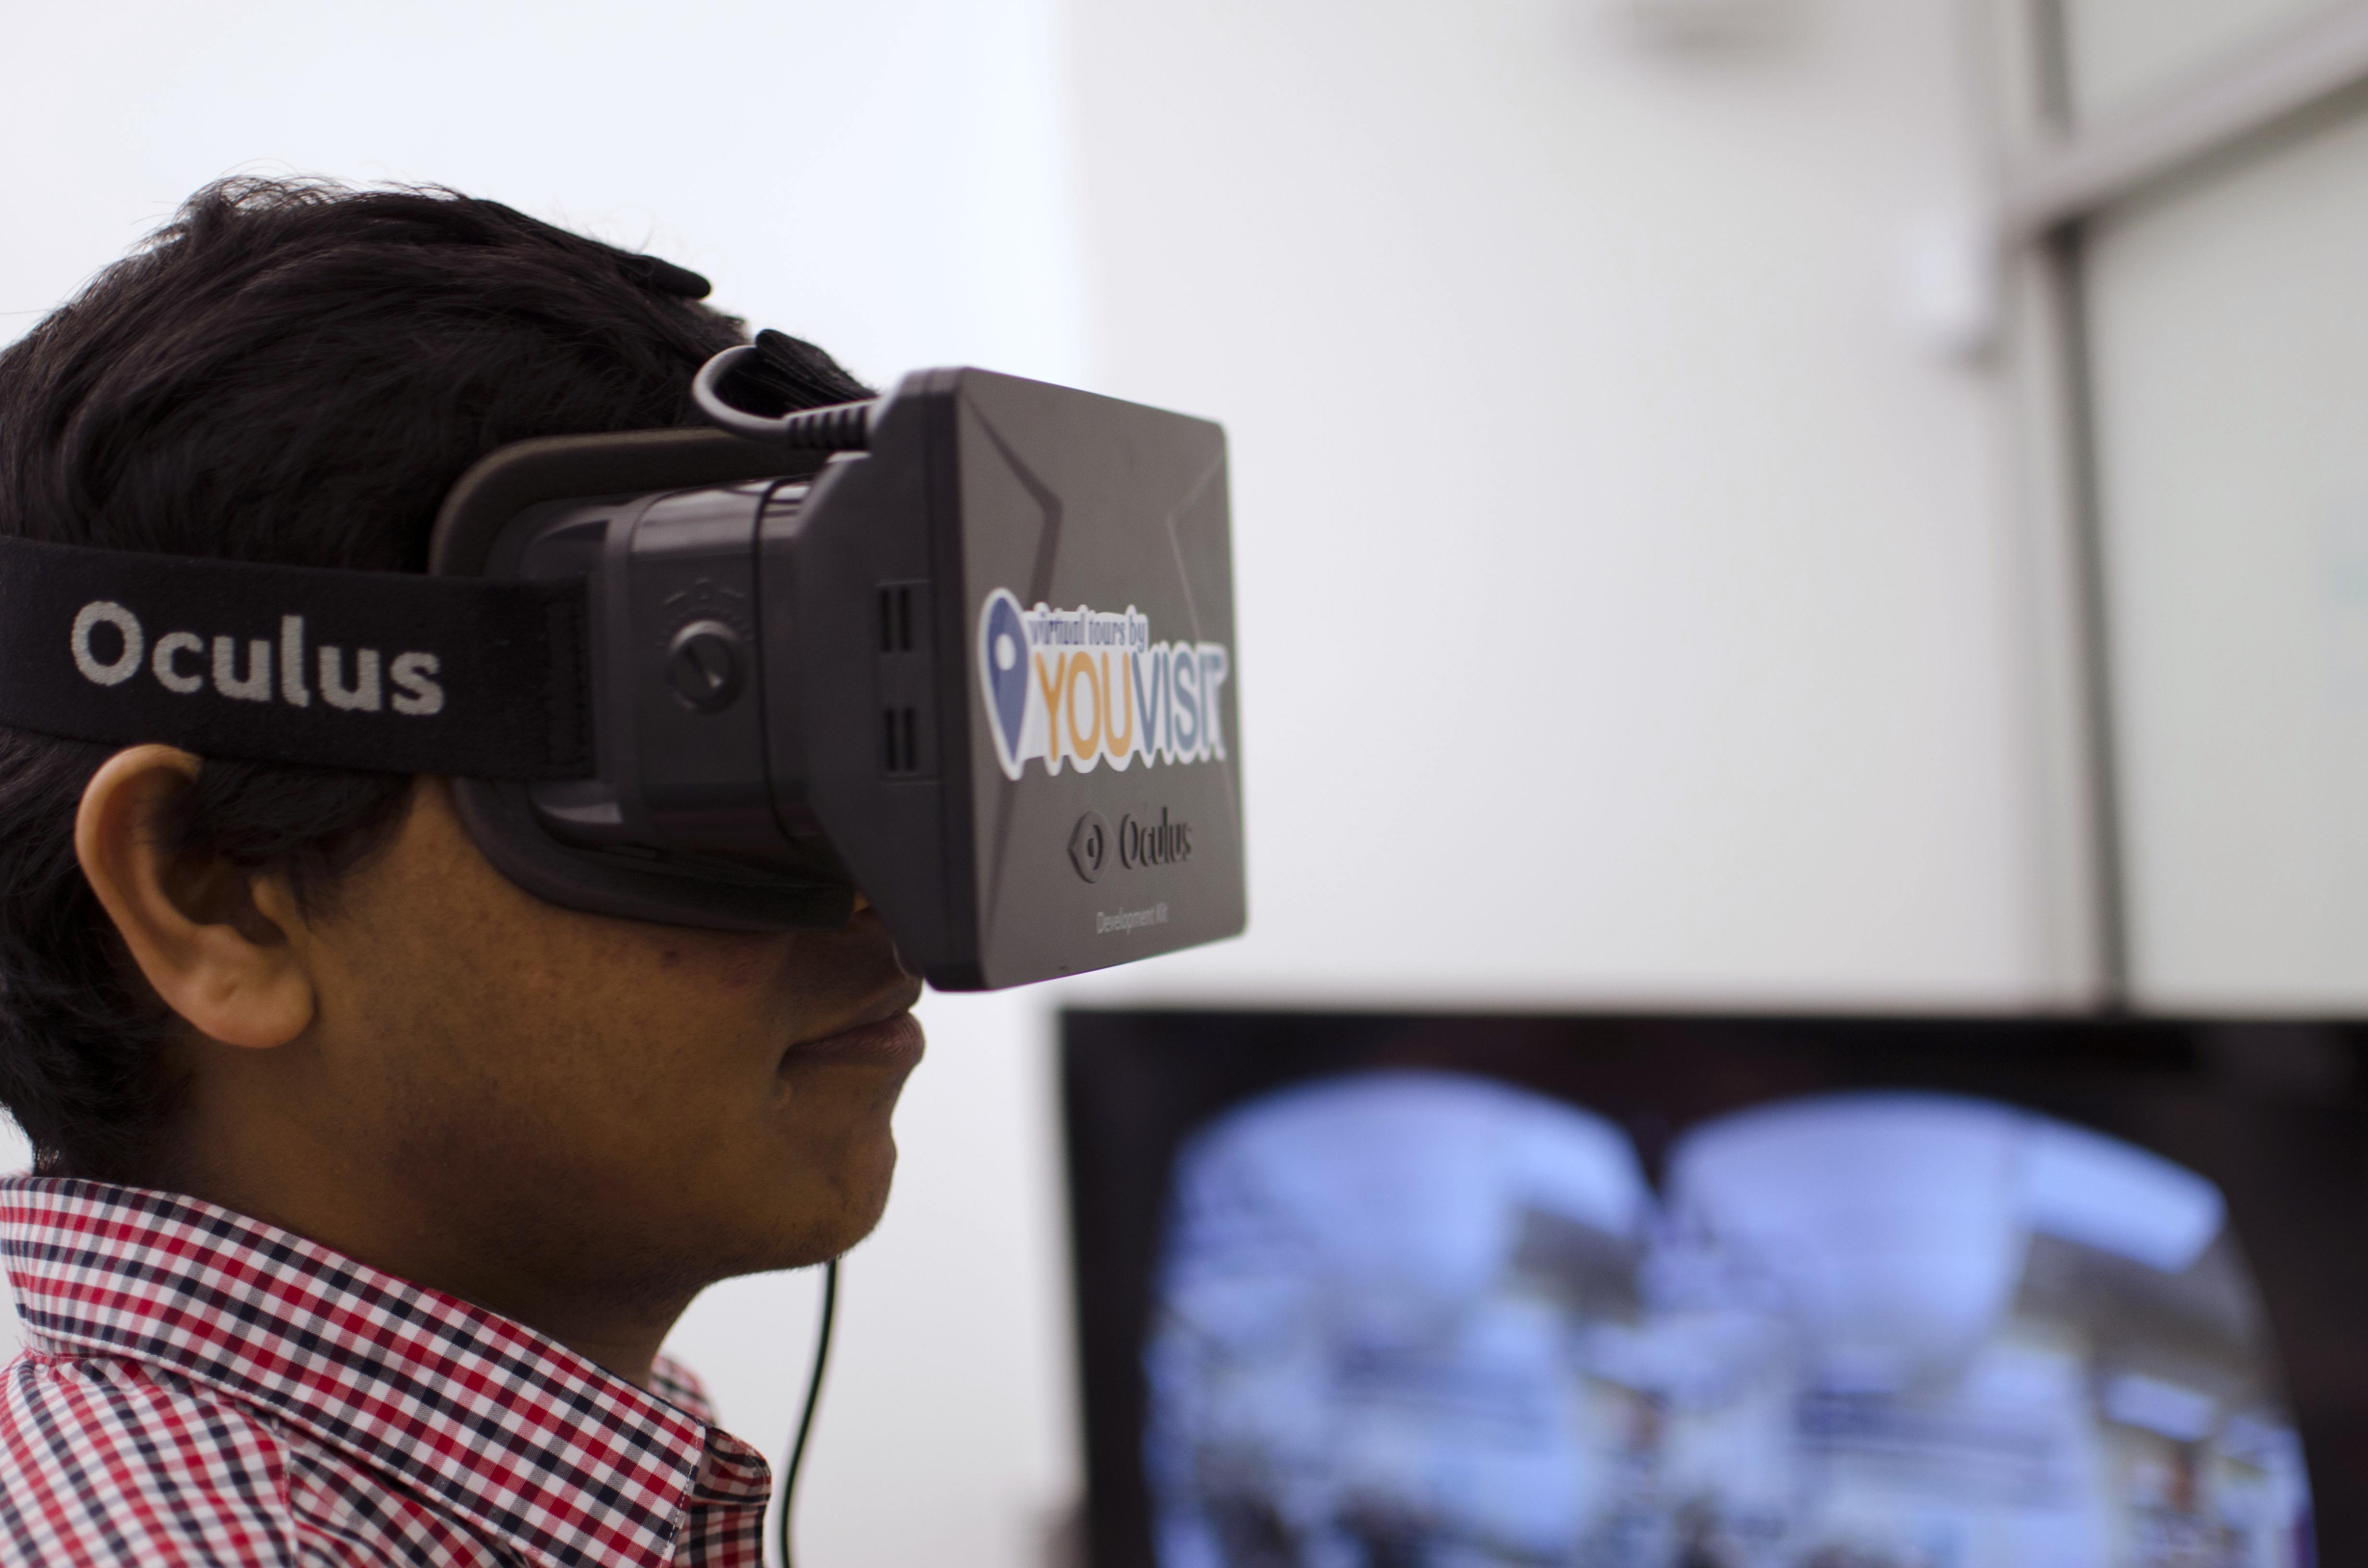 youvisit-oculus-01